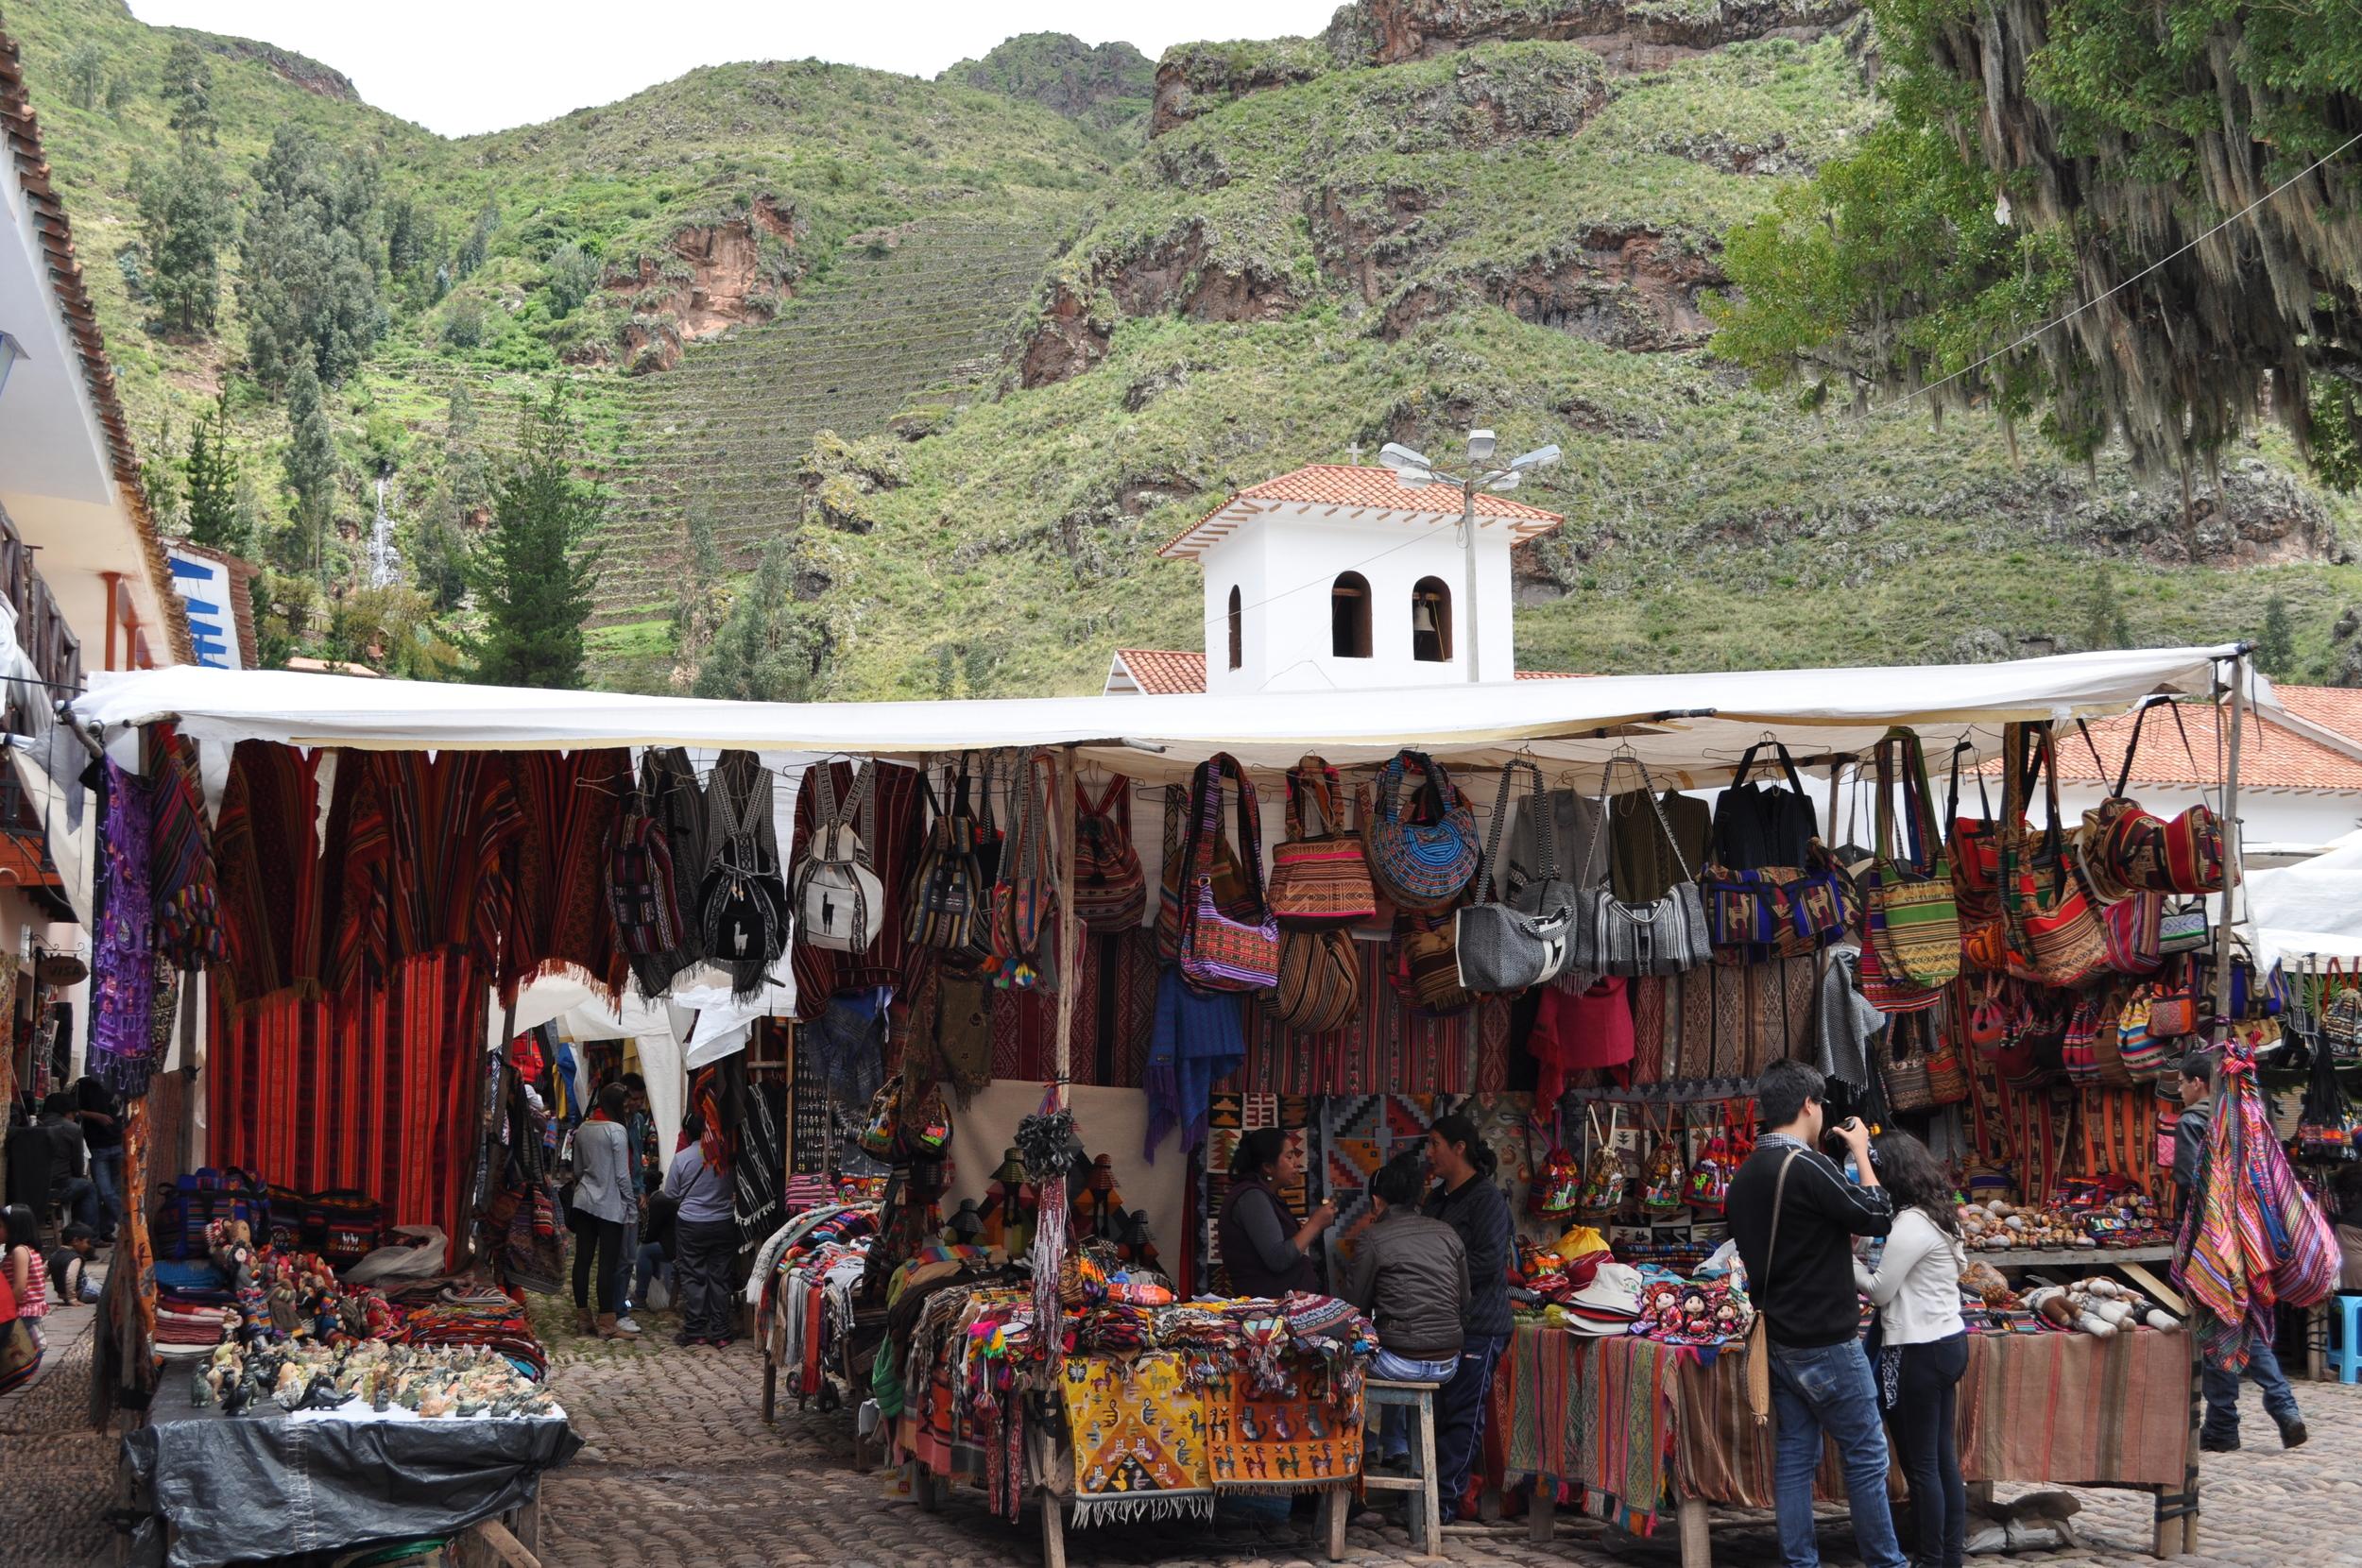 En el mercado de Pisac los colores brillantes resaltan en los textiles y en las artesanías. Foto: Pamy Rojas